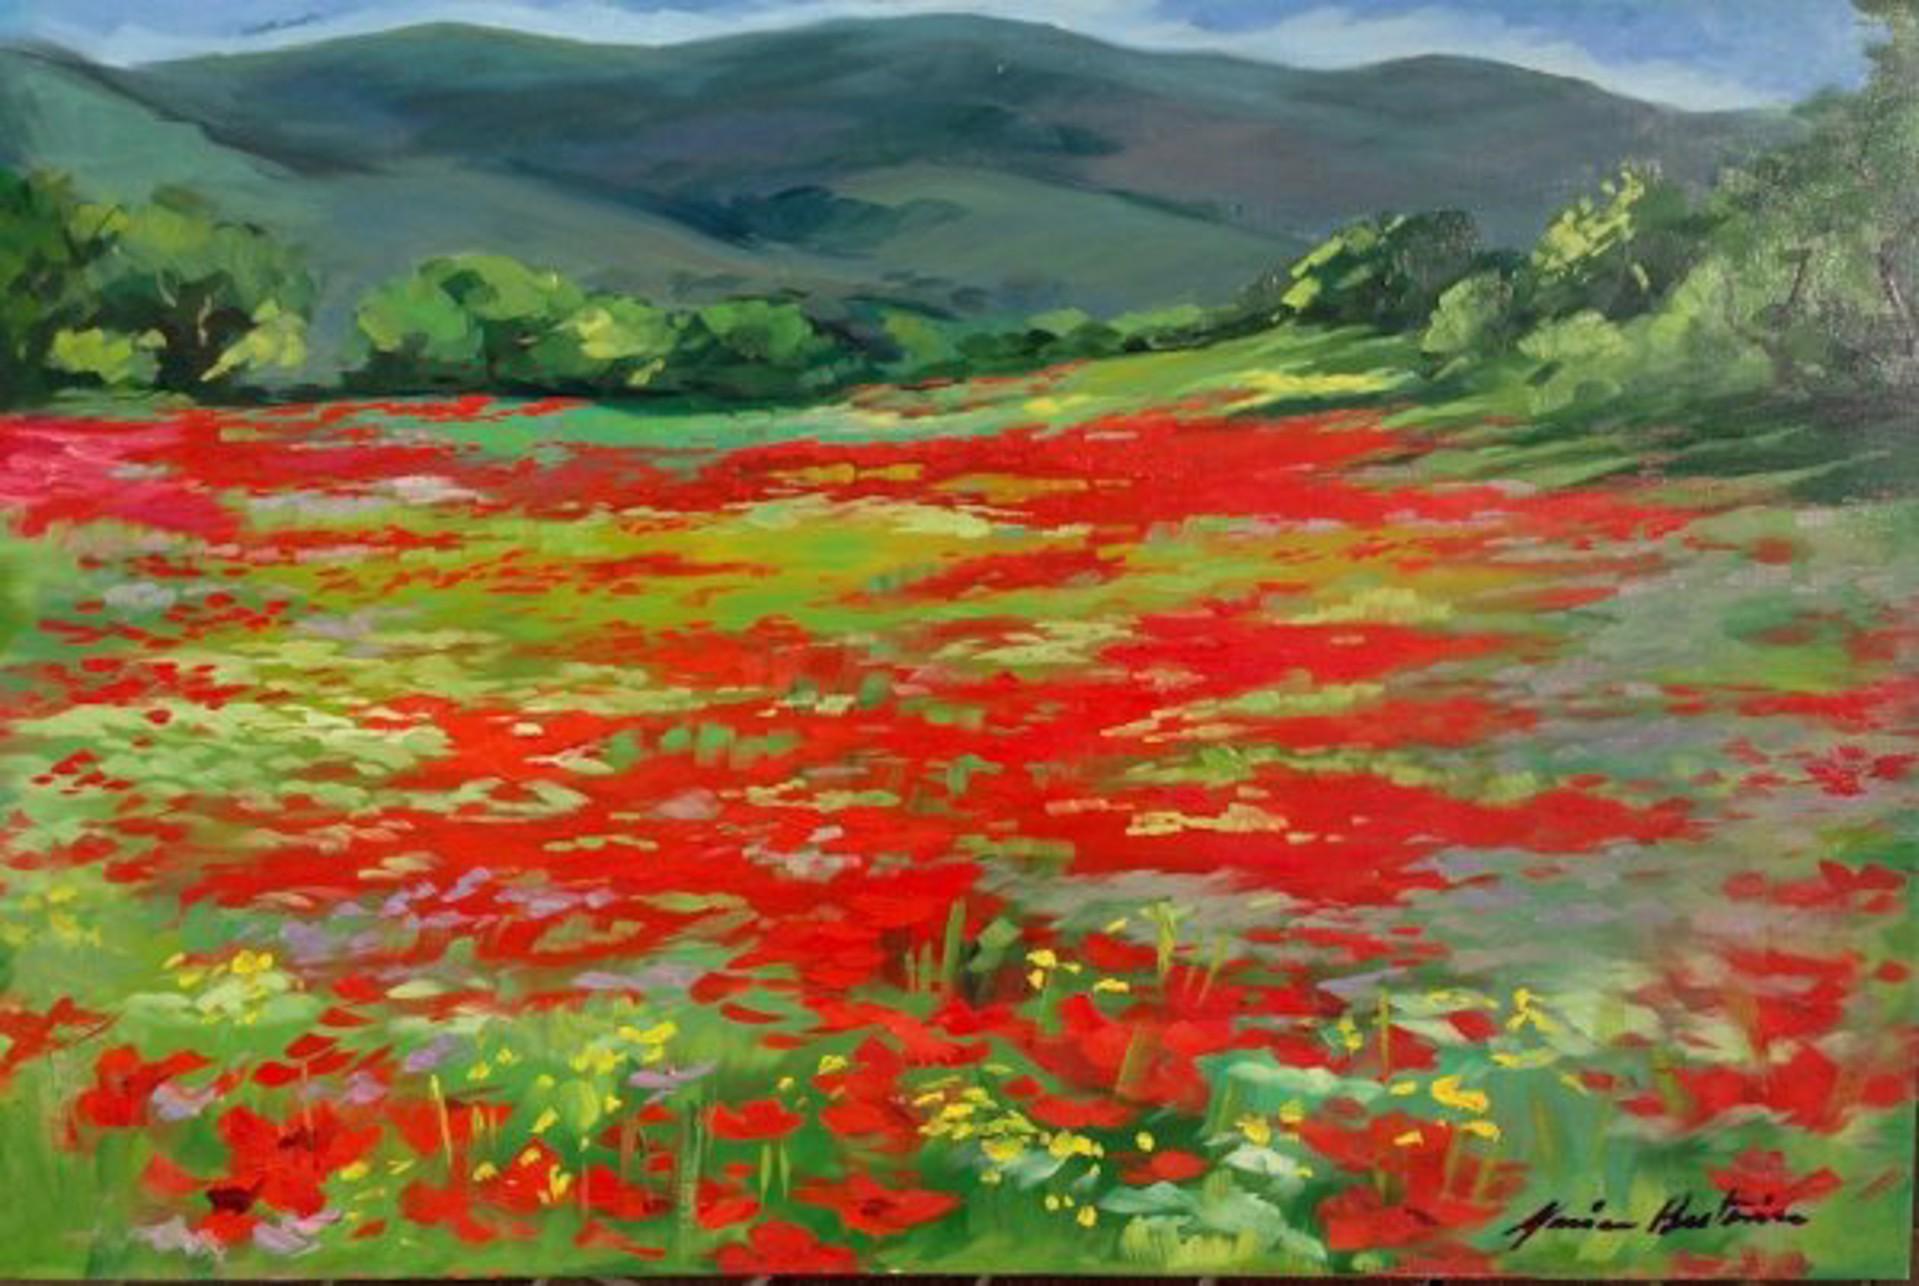 Bertran: Elizabeths Poppy Field by Maria Bertrán